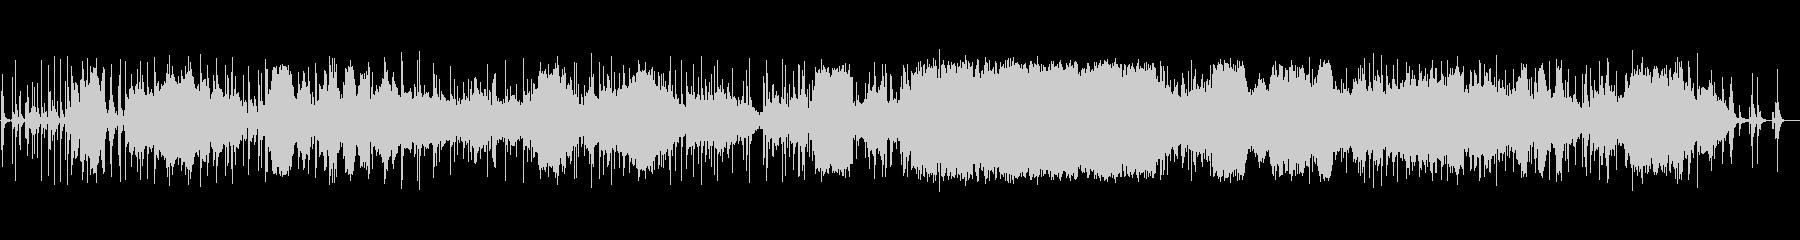 スモールスタジオオーディエンス:歓...の未再生の波形